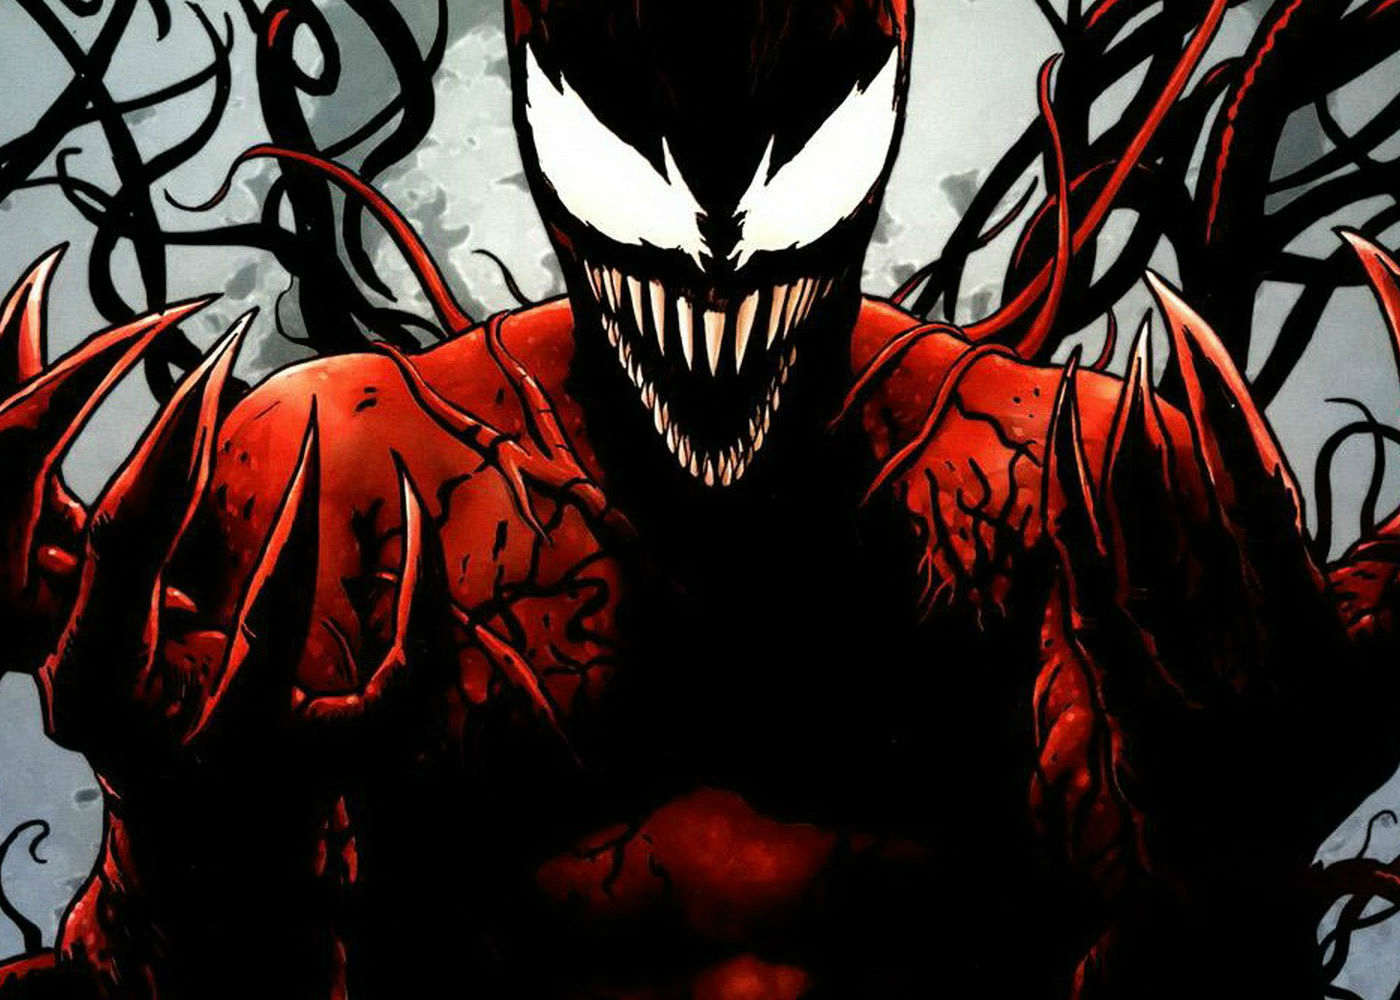 Carnage Named as Villain in Venom Solo Film